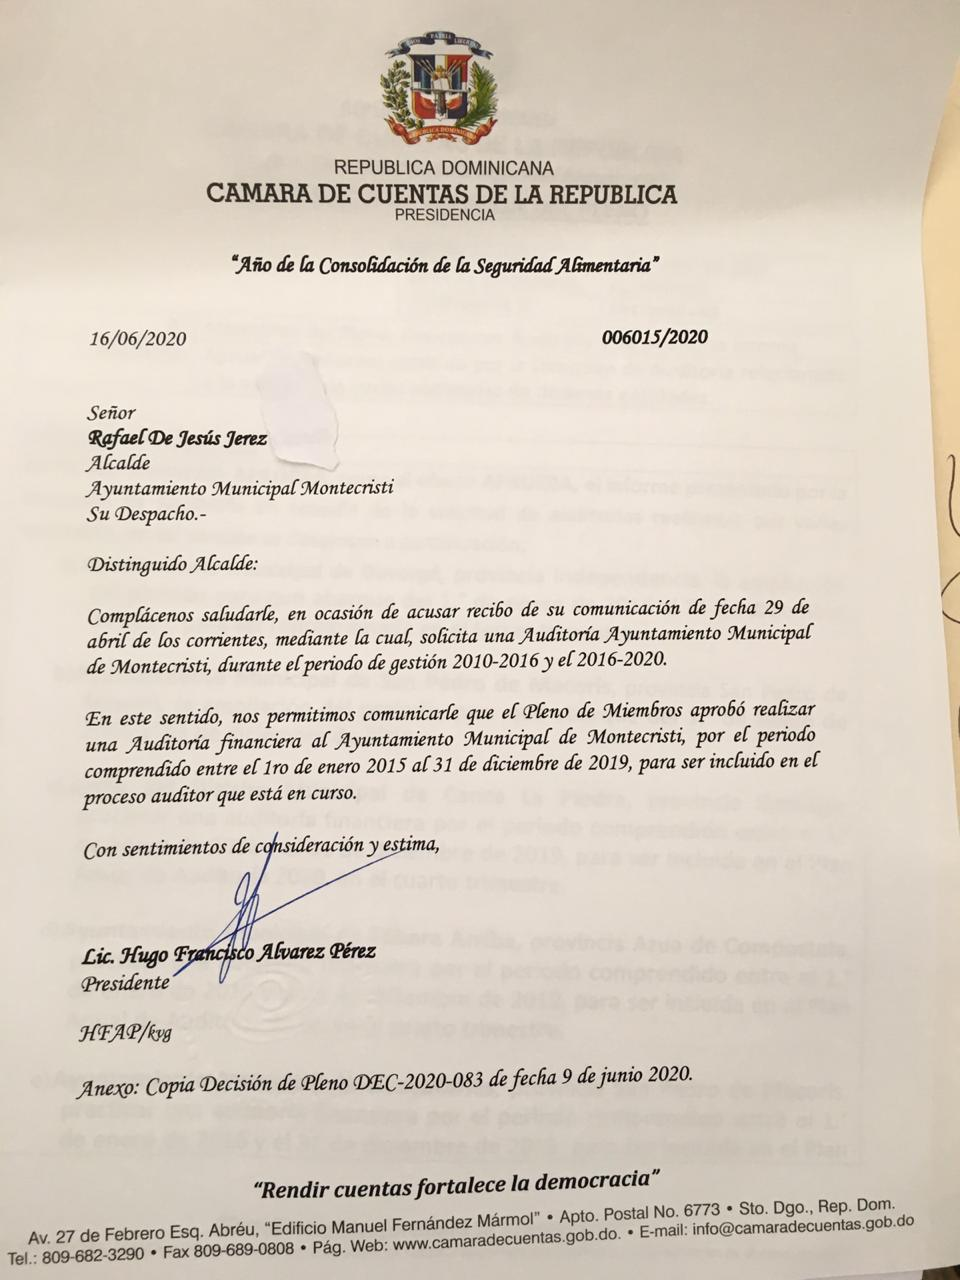 Montecristi: Cámara de cuentas aprueba realización de auditoría a solicitud del alcalde alcalde Jesús jerez